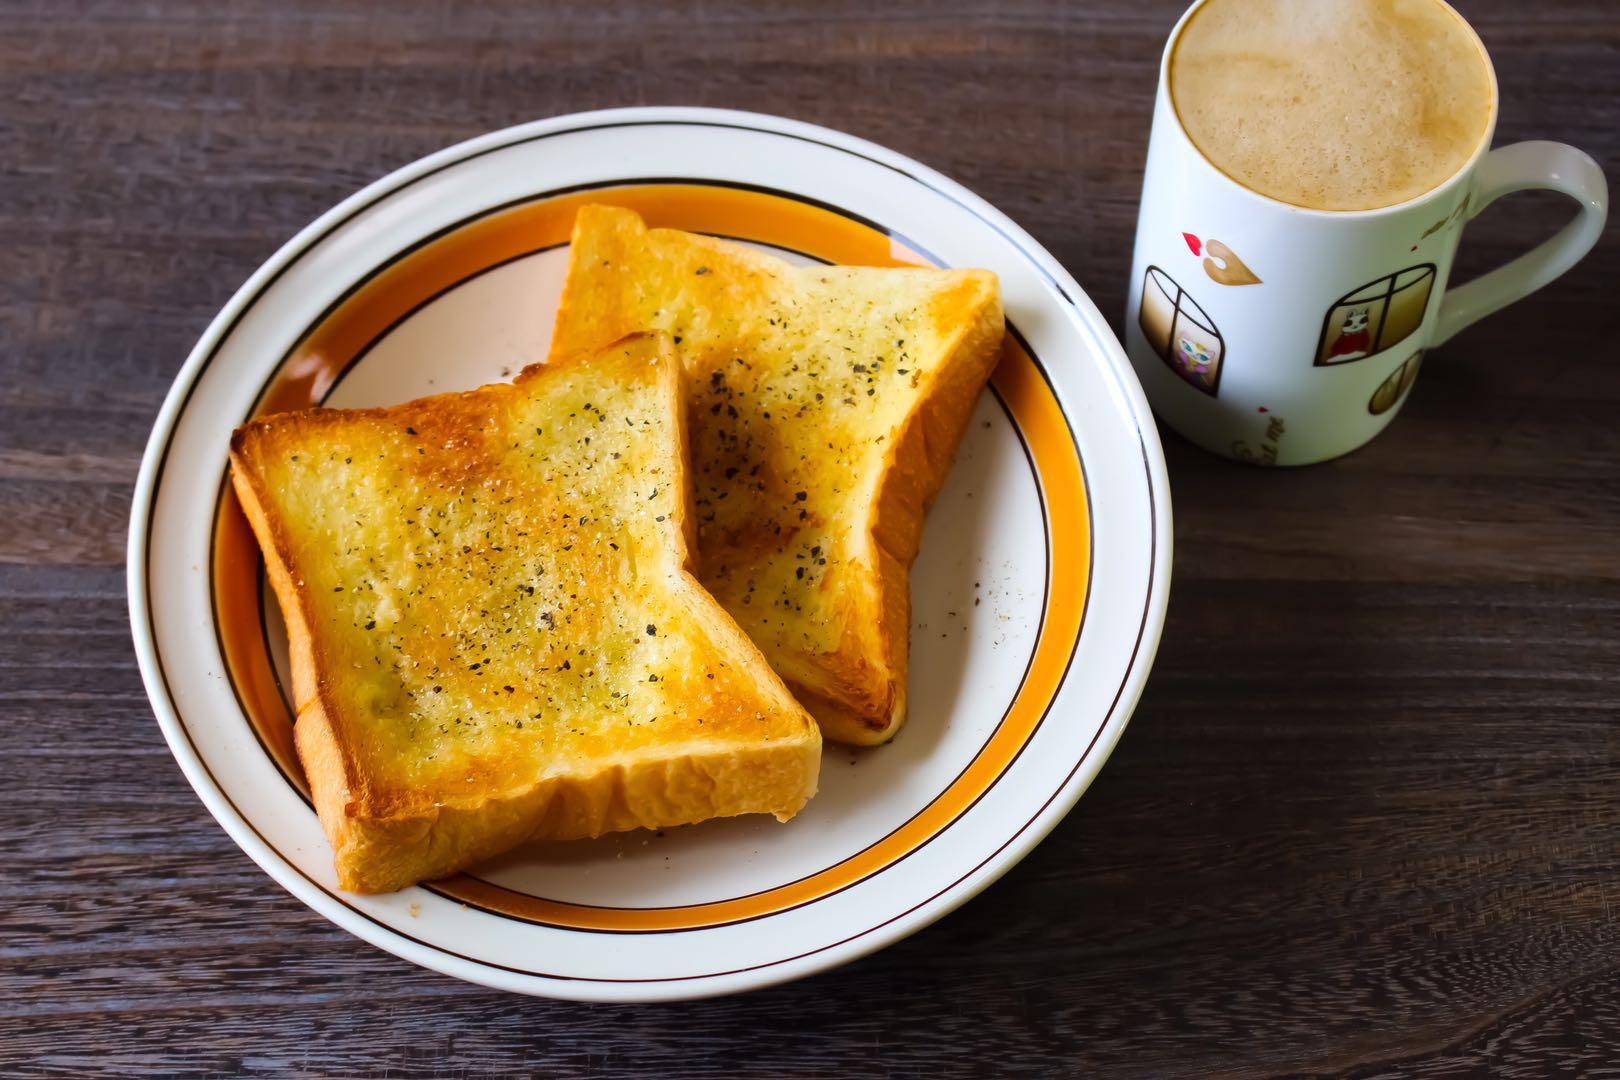 パンとカンポットペッパー黒胡椒